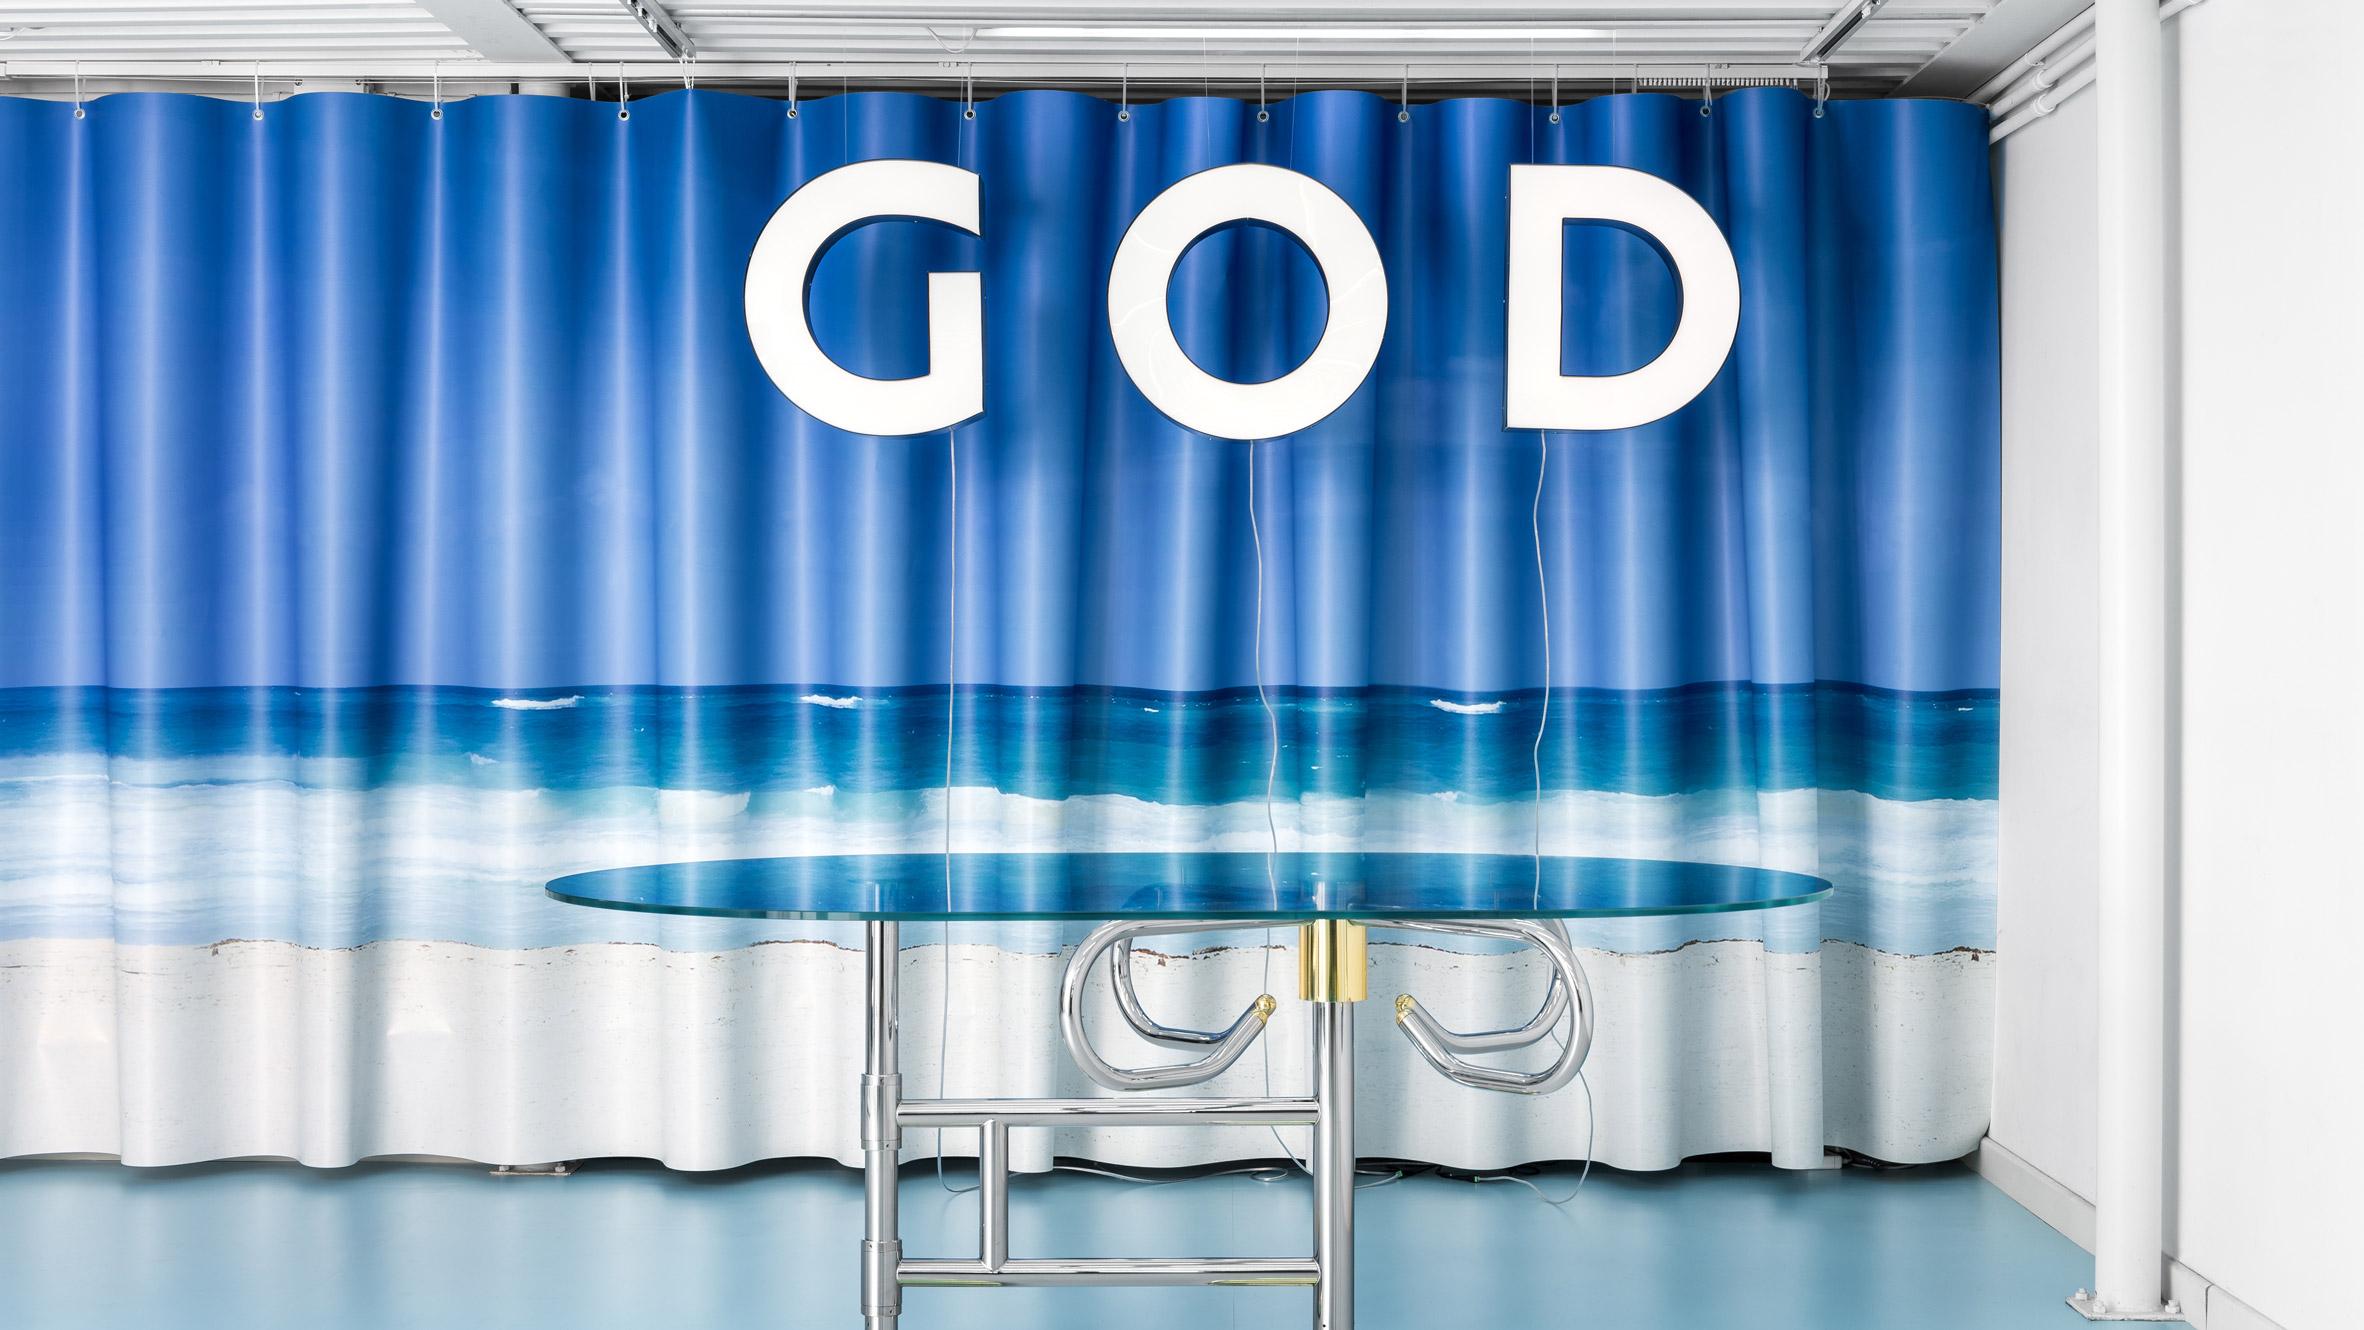 god-atelier-biagetti-milan-design-installation-exhibition-_dezeen_hero4.jpg